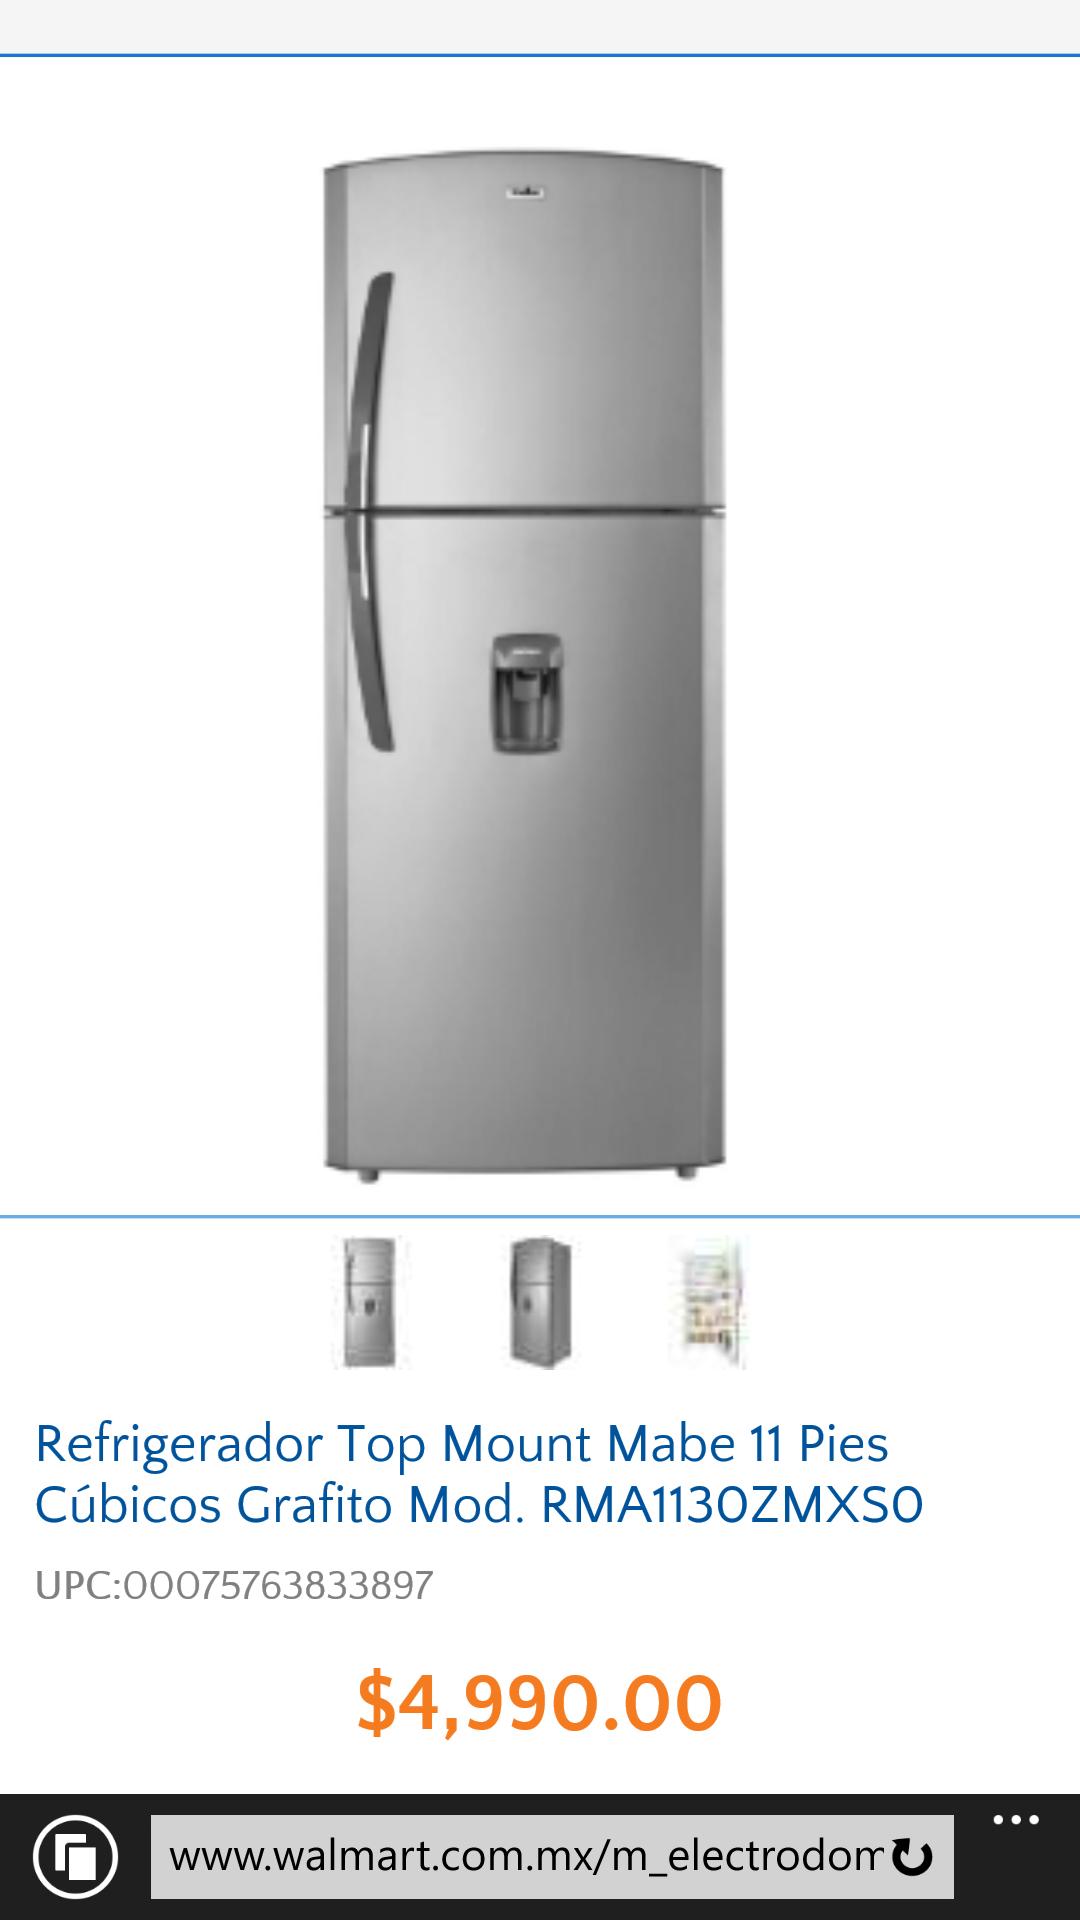 Refrigerador Top Mount Mabe 11 Pies en Walmart Online $4,990